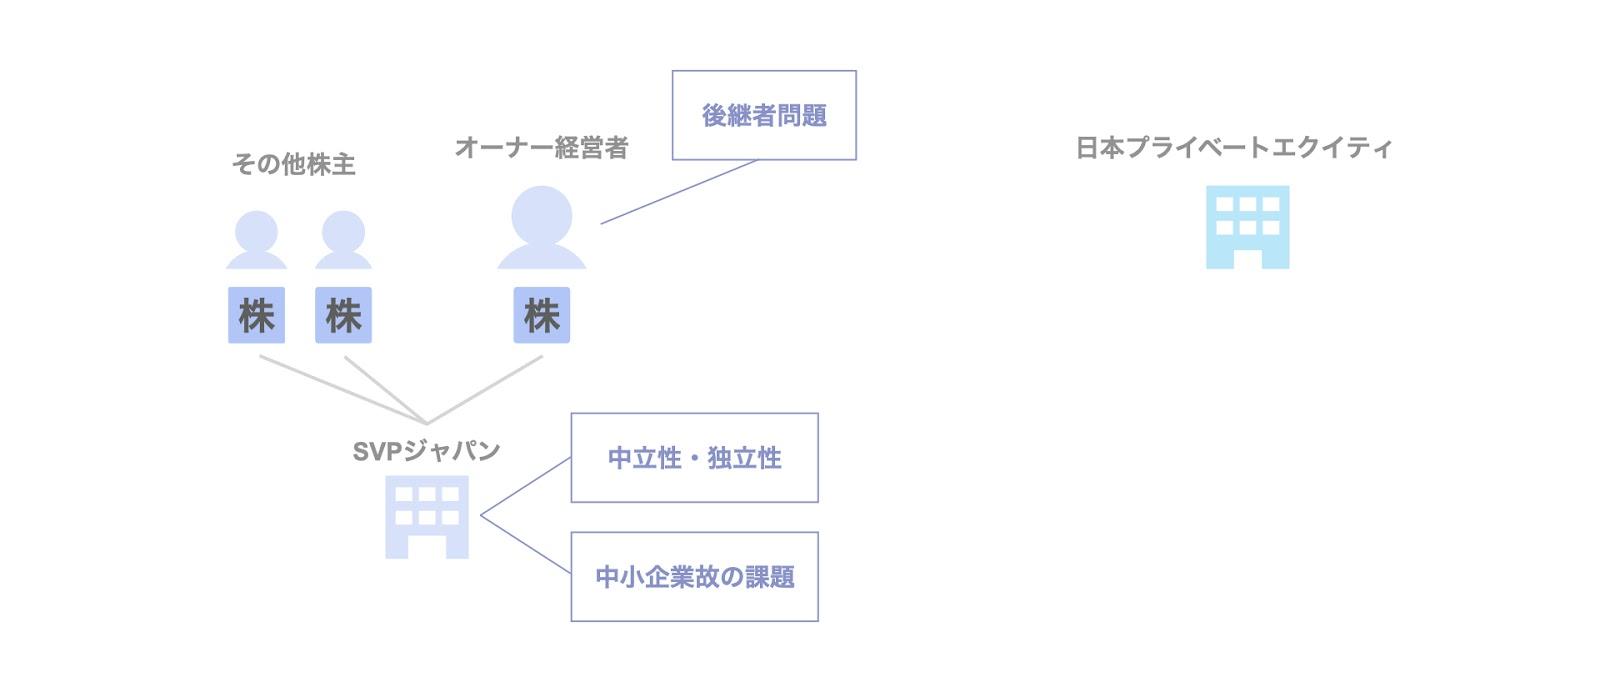 投資事例:日本プライベートエクイティによるSVPジャパンへの投資の背景・目的